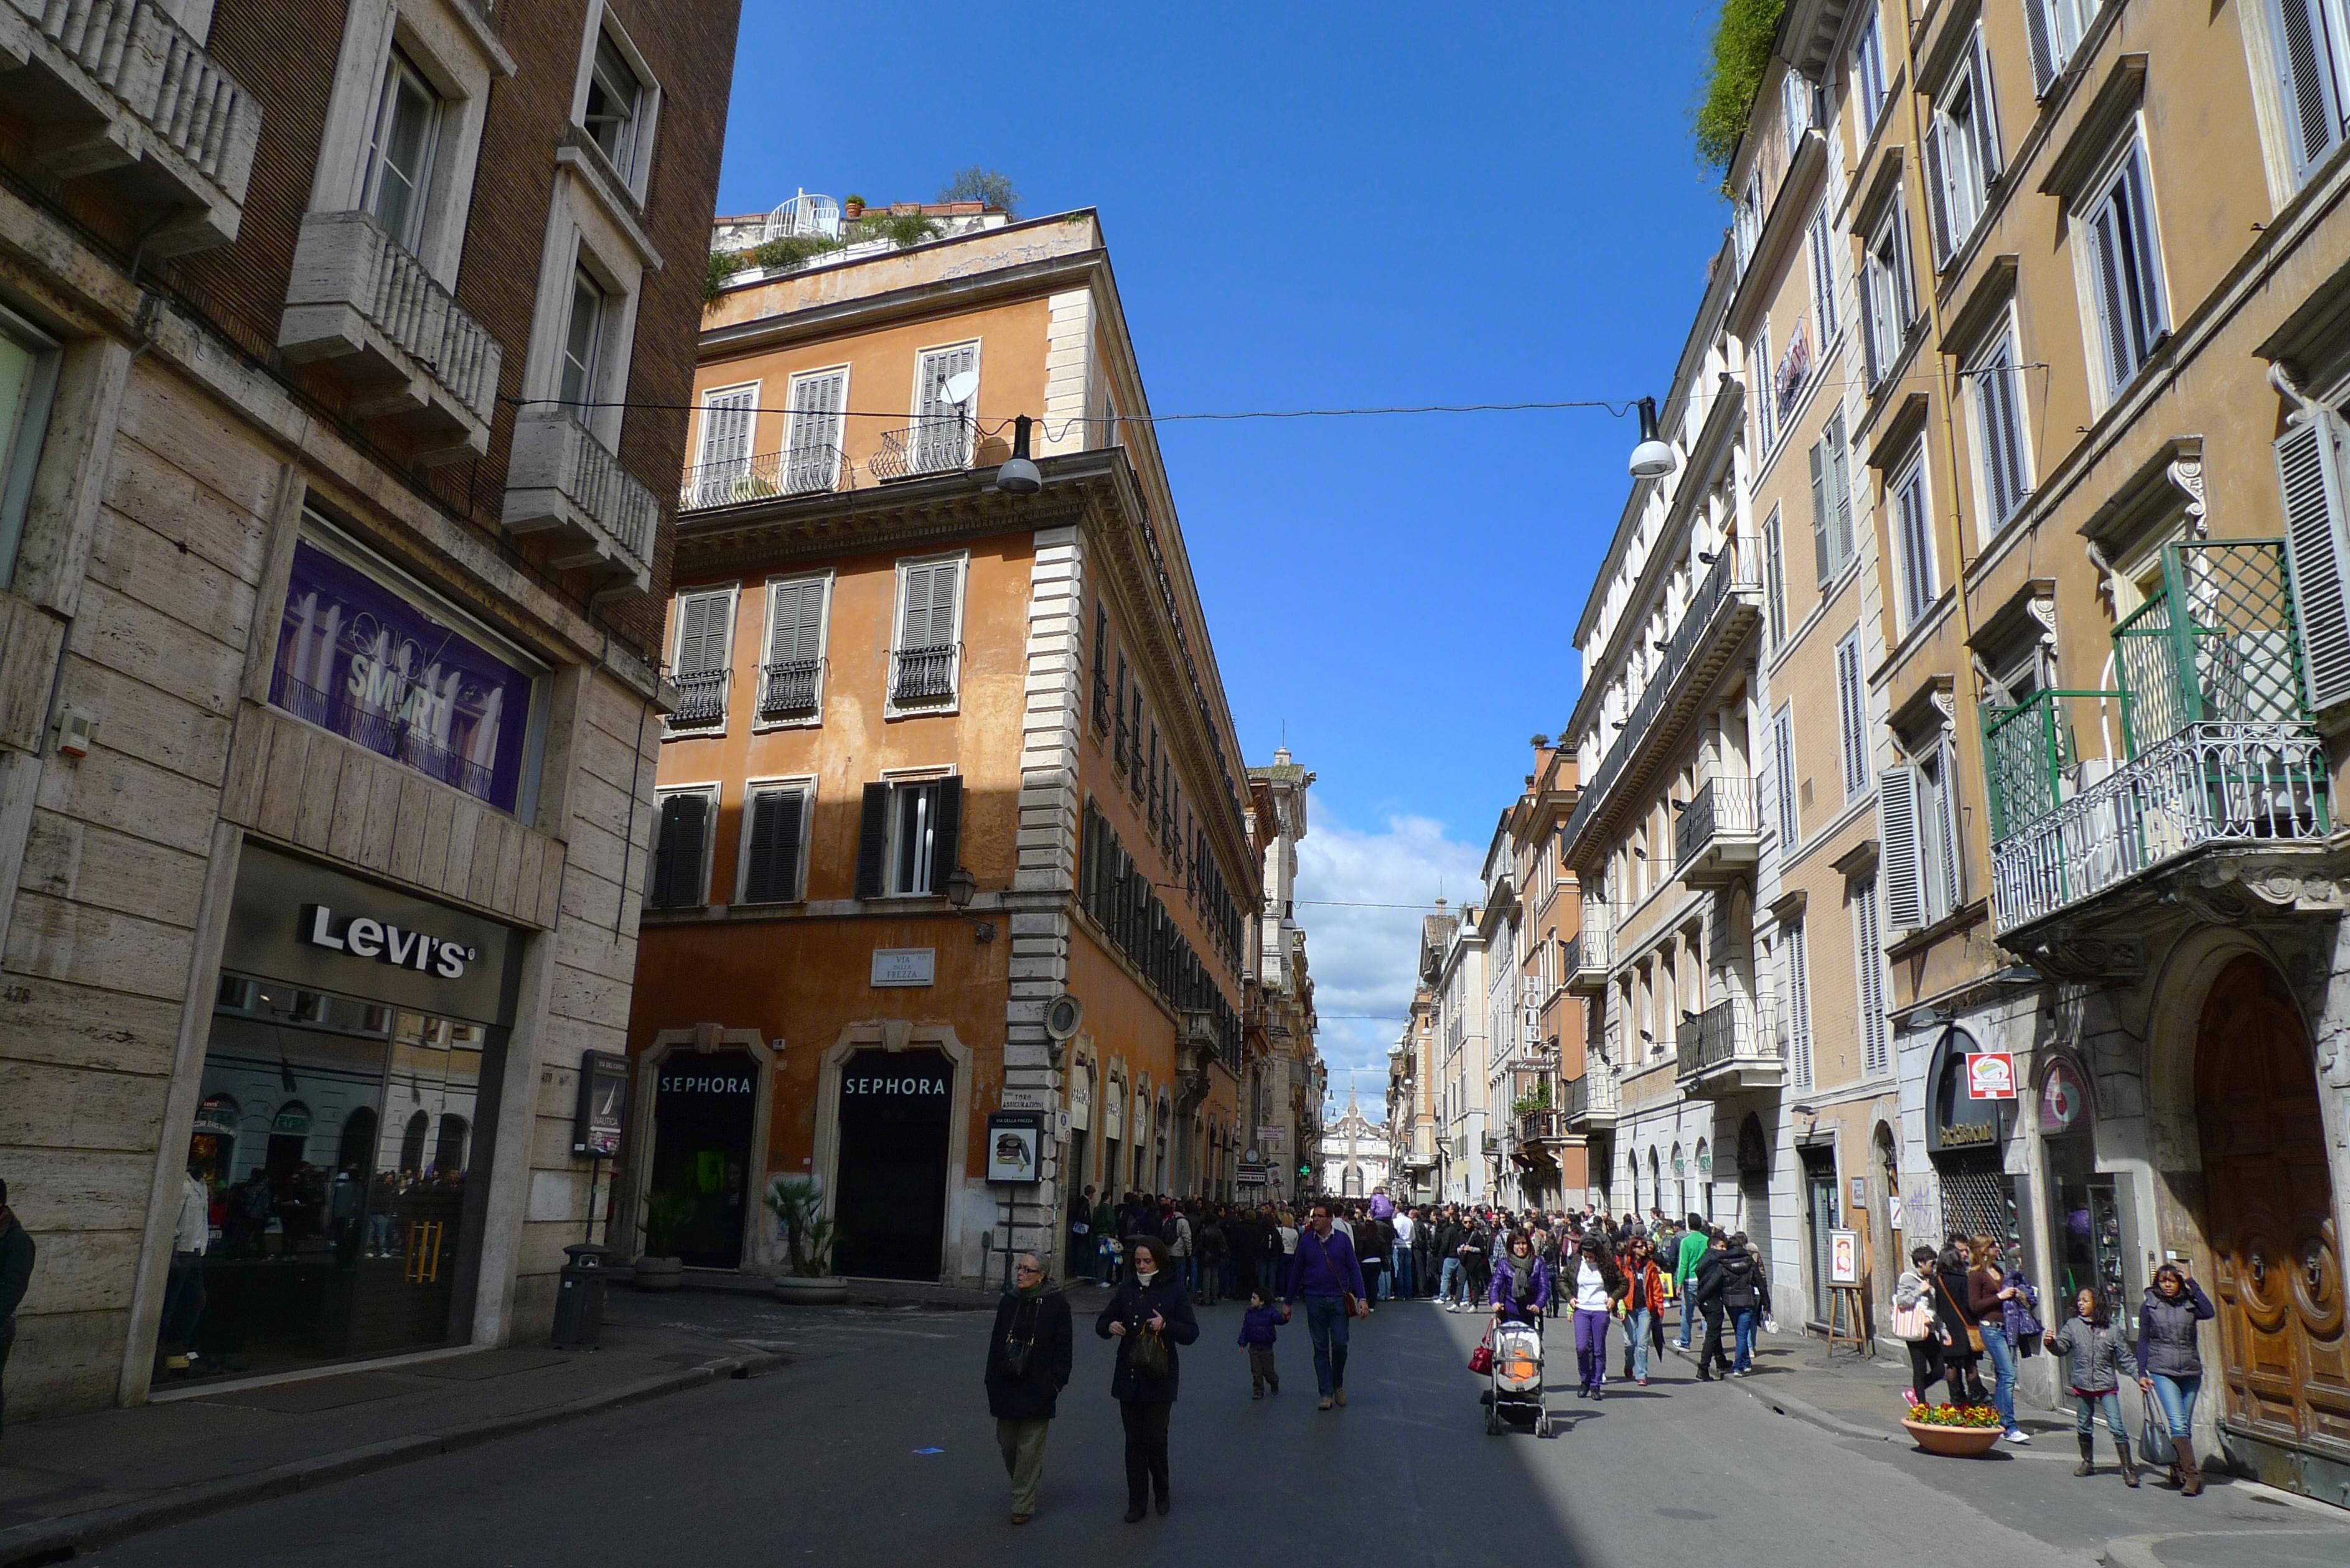 Dove fare shopping a roma vicino a via del corso for Corso grafica roma